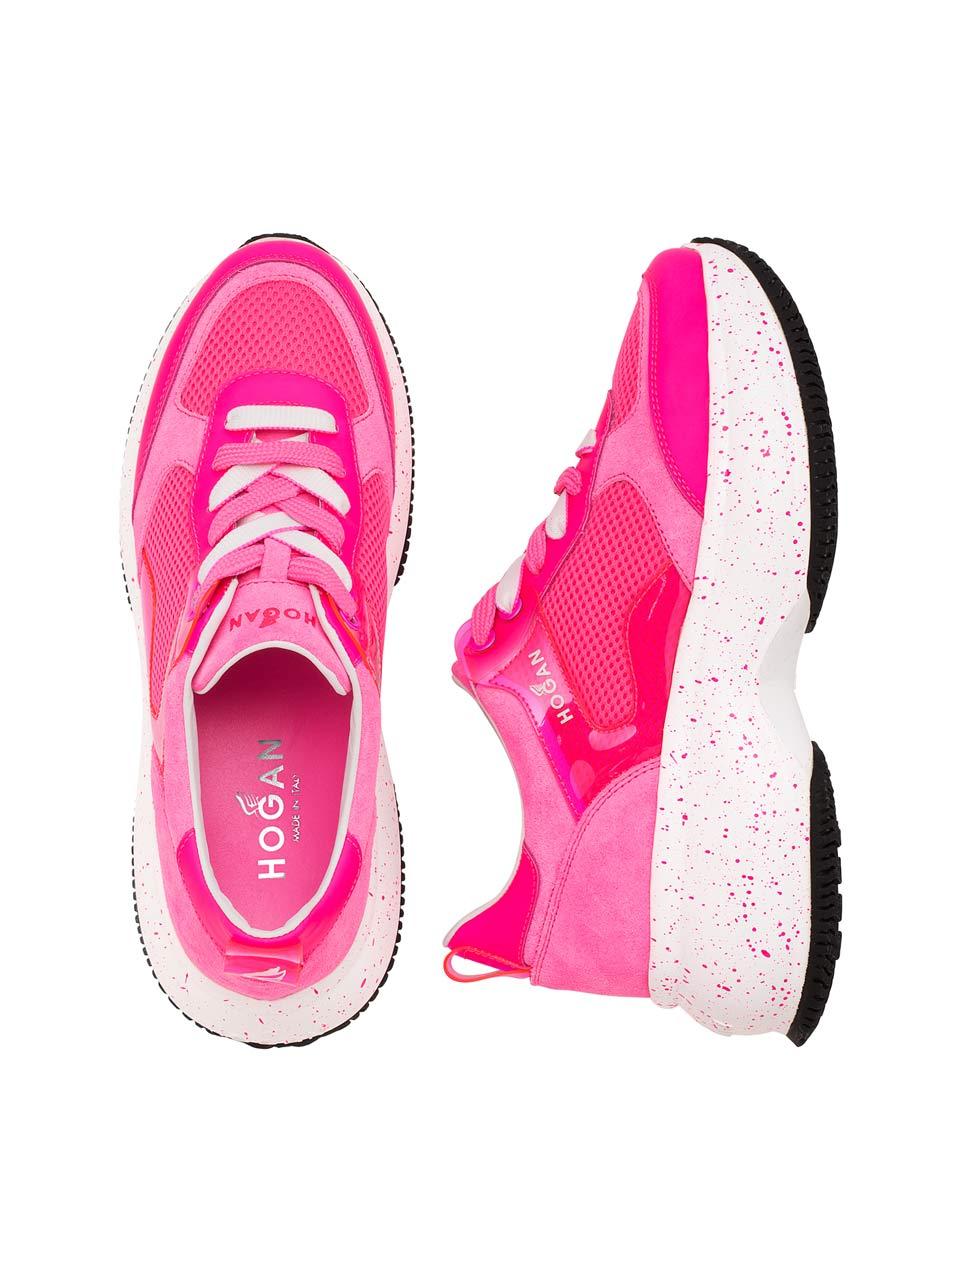 Sneakers Maxi I Active en cuir, tissu technique et maxi semelle, Hogan